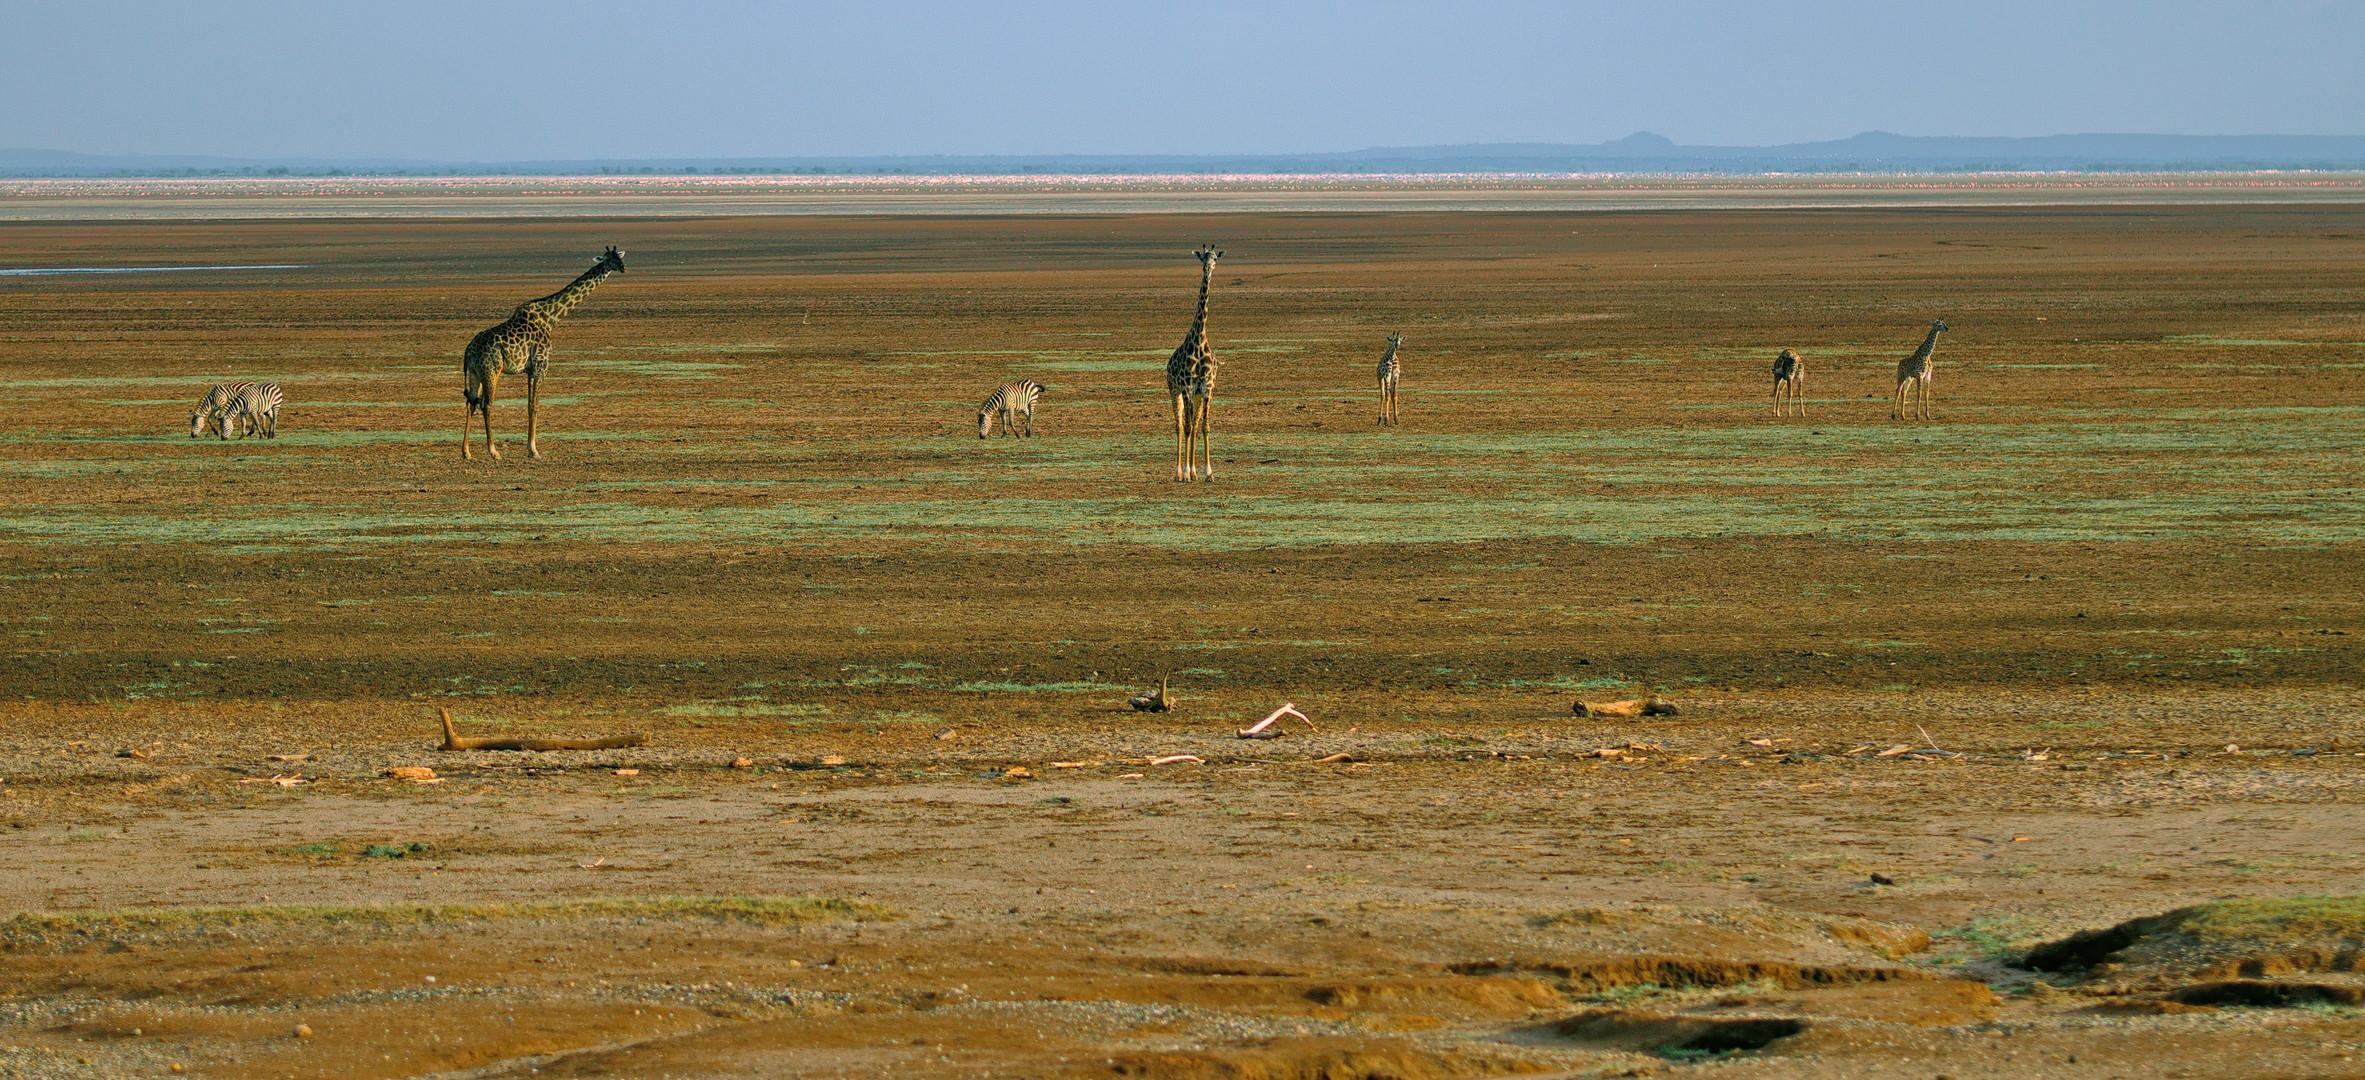 Am Lake Manyara